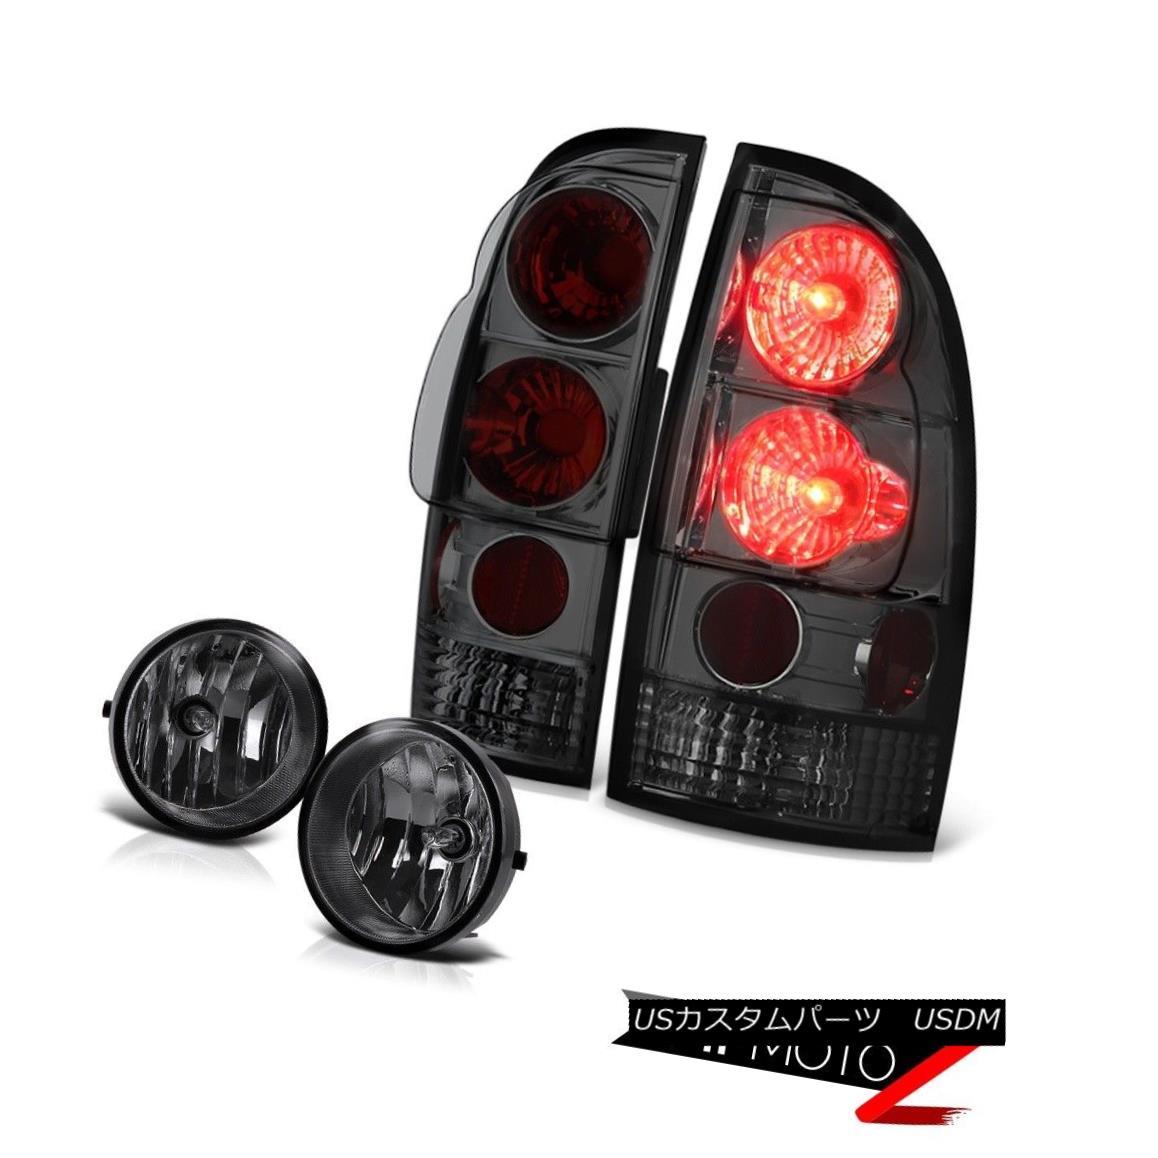 テールライト 2005-2011 Toyota Tacoma Smoke Rear Brake Signal Tail Lights Fog Lamps Wiring Kit 2005-2011 Toyota Tacoma Smokeリアブレーキ信号テールライトフォグランプ配線キット